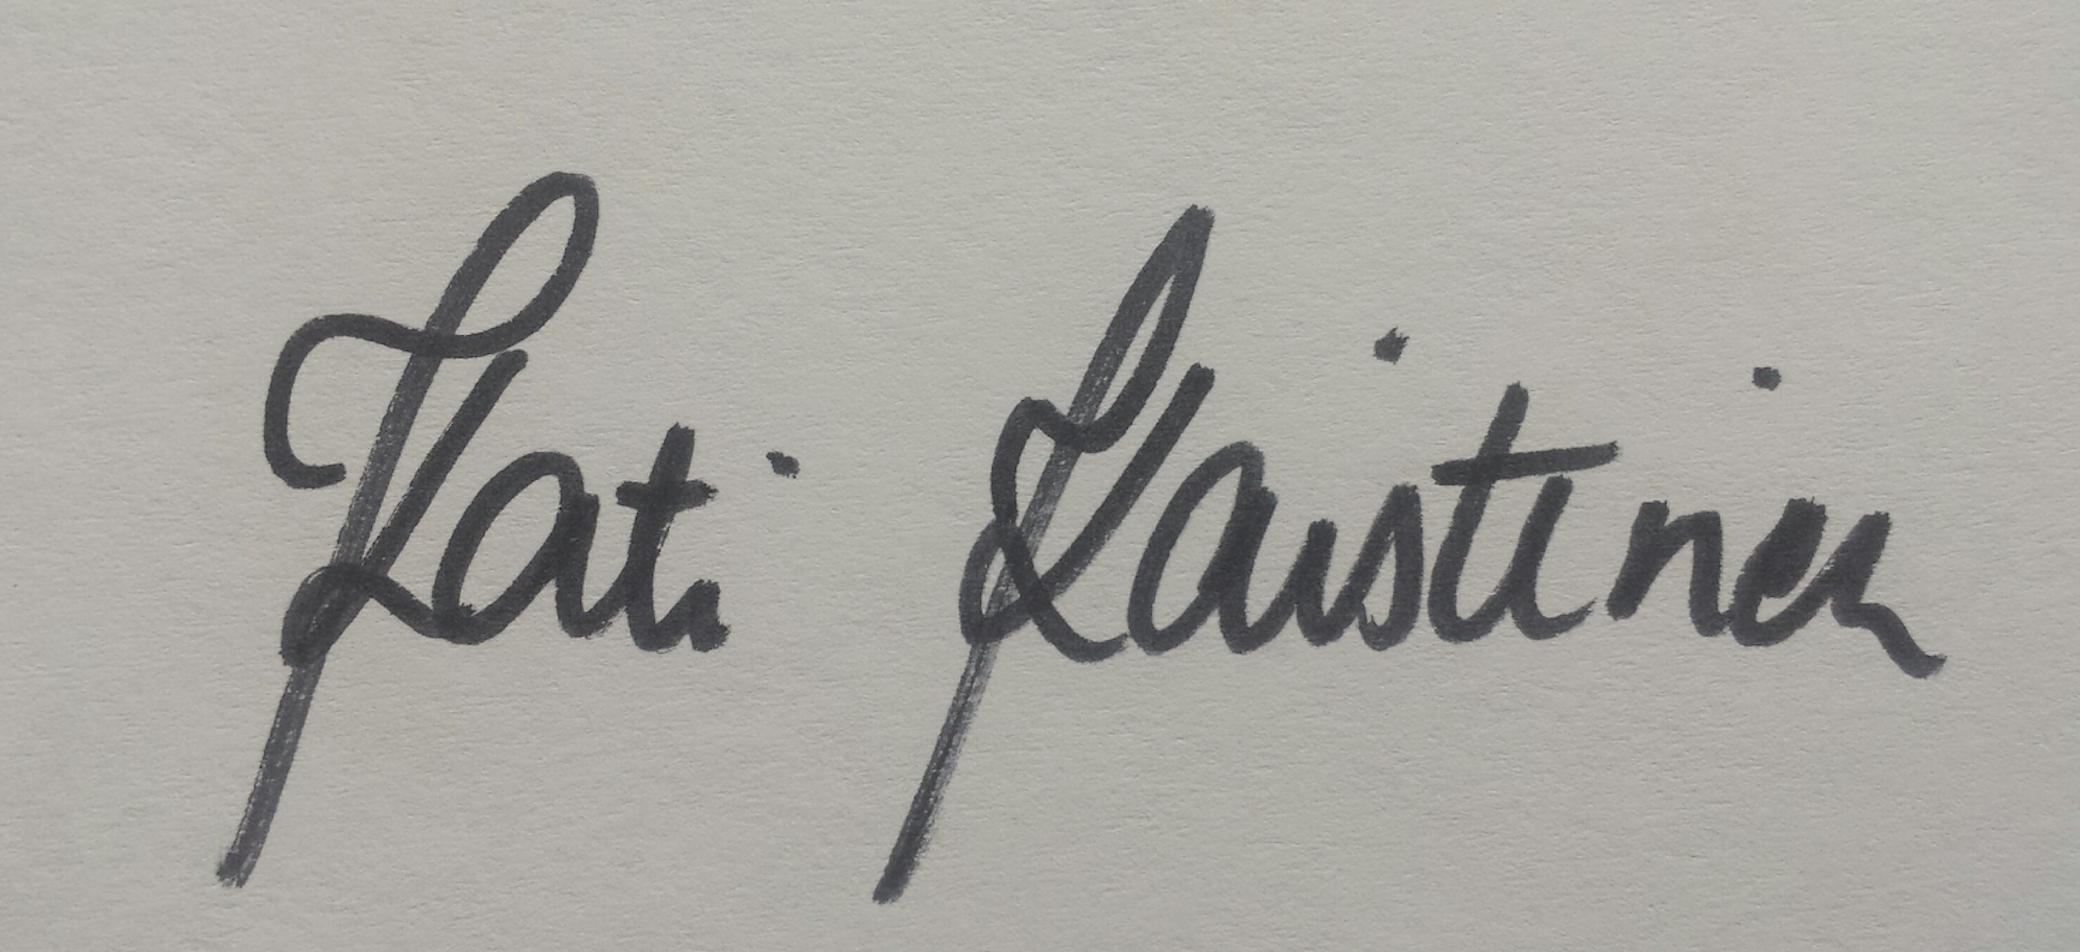 Kati Kaistinen Signature